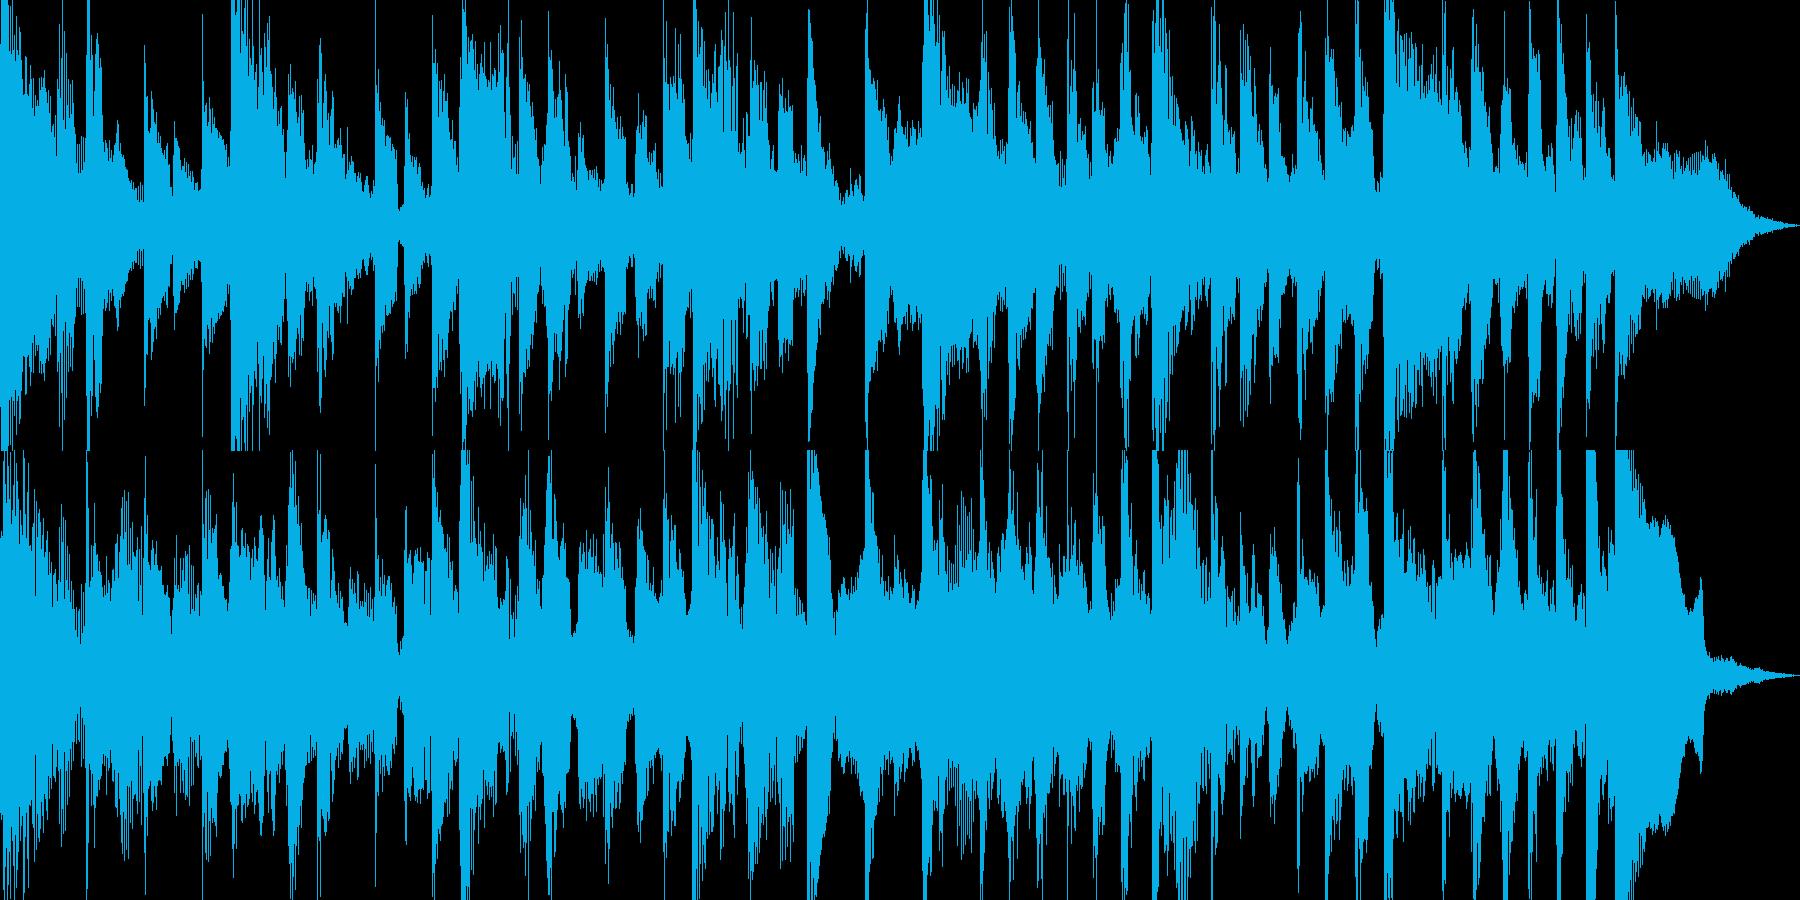 女性ファッション15秒CM_BGM2の再生済みの波形